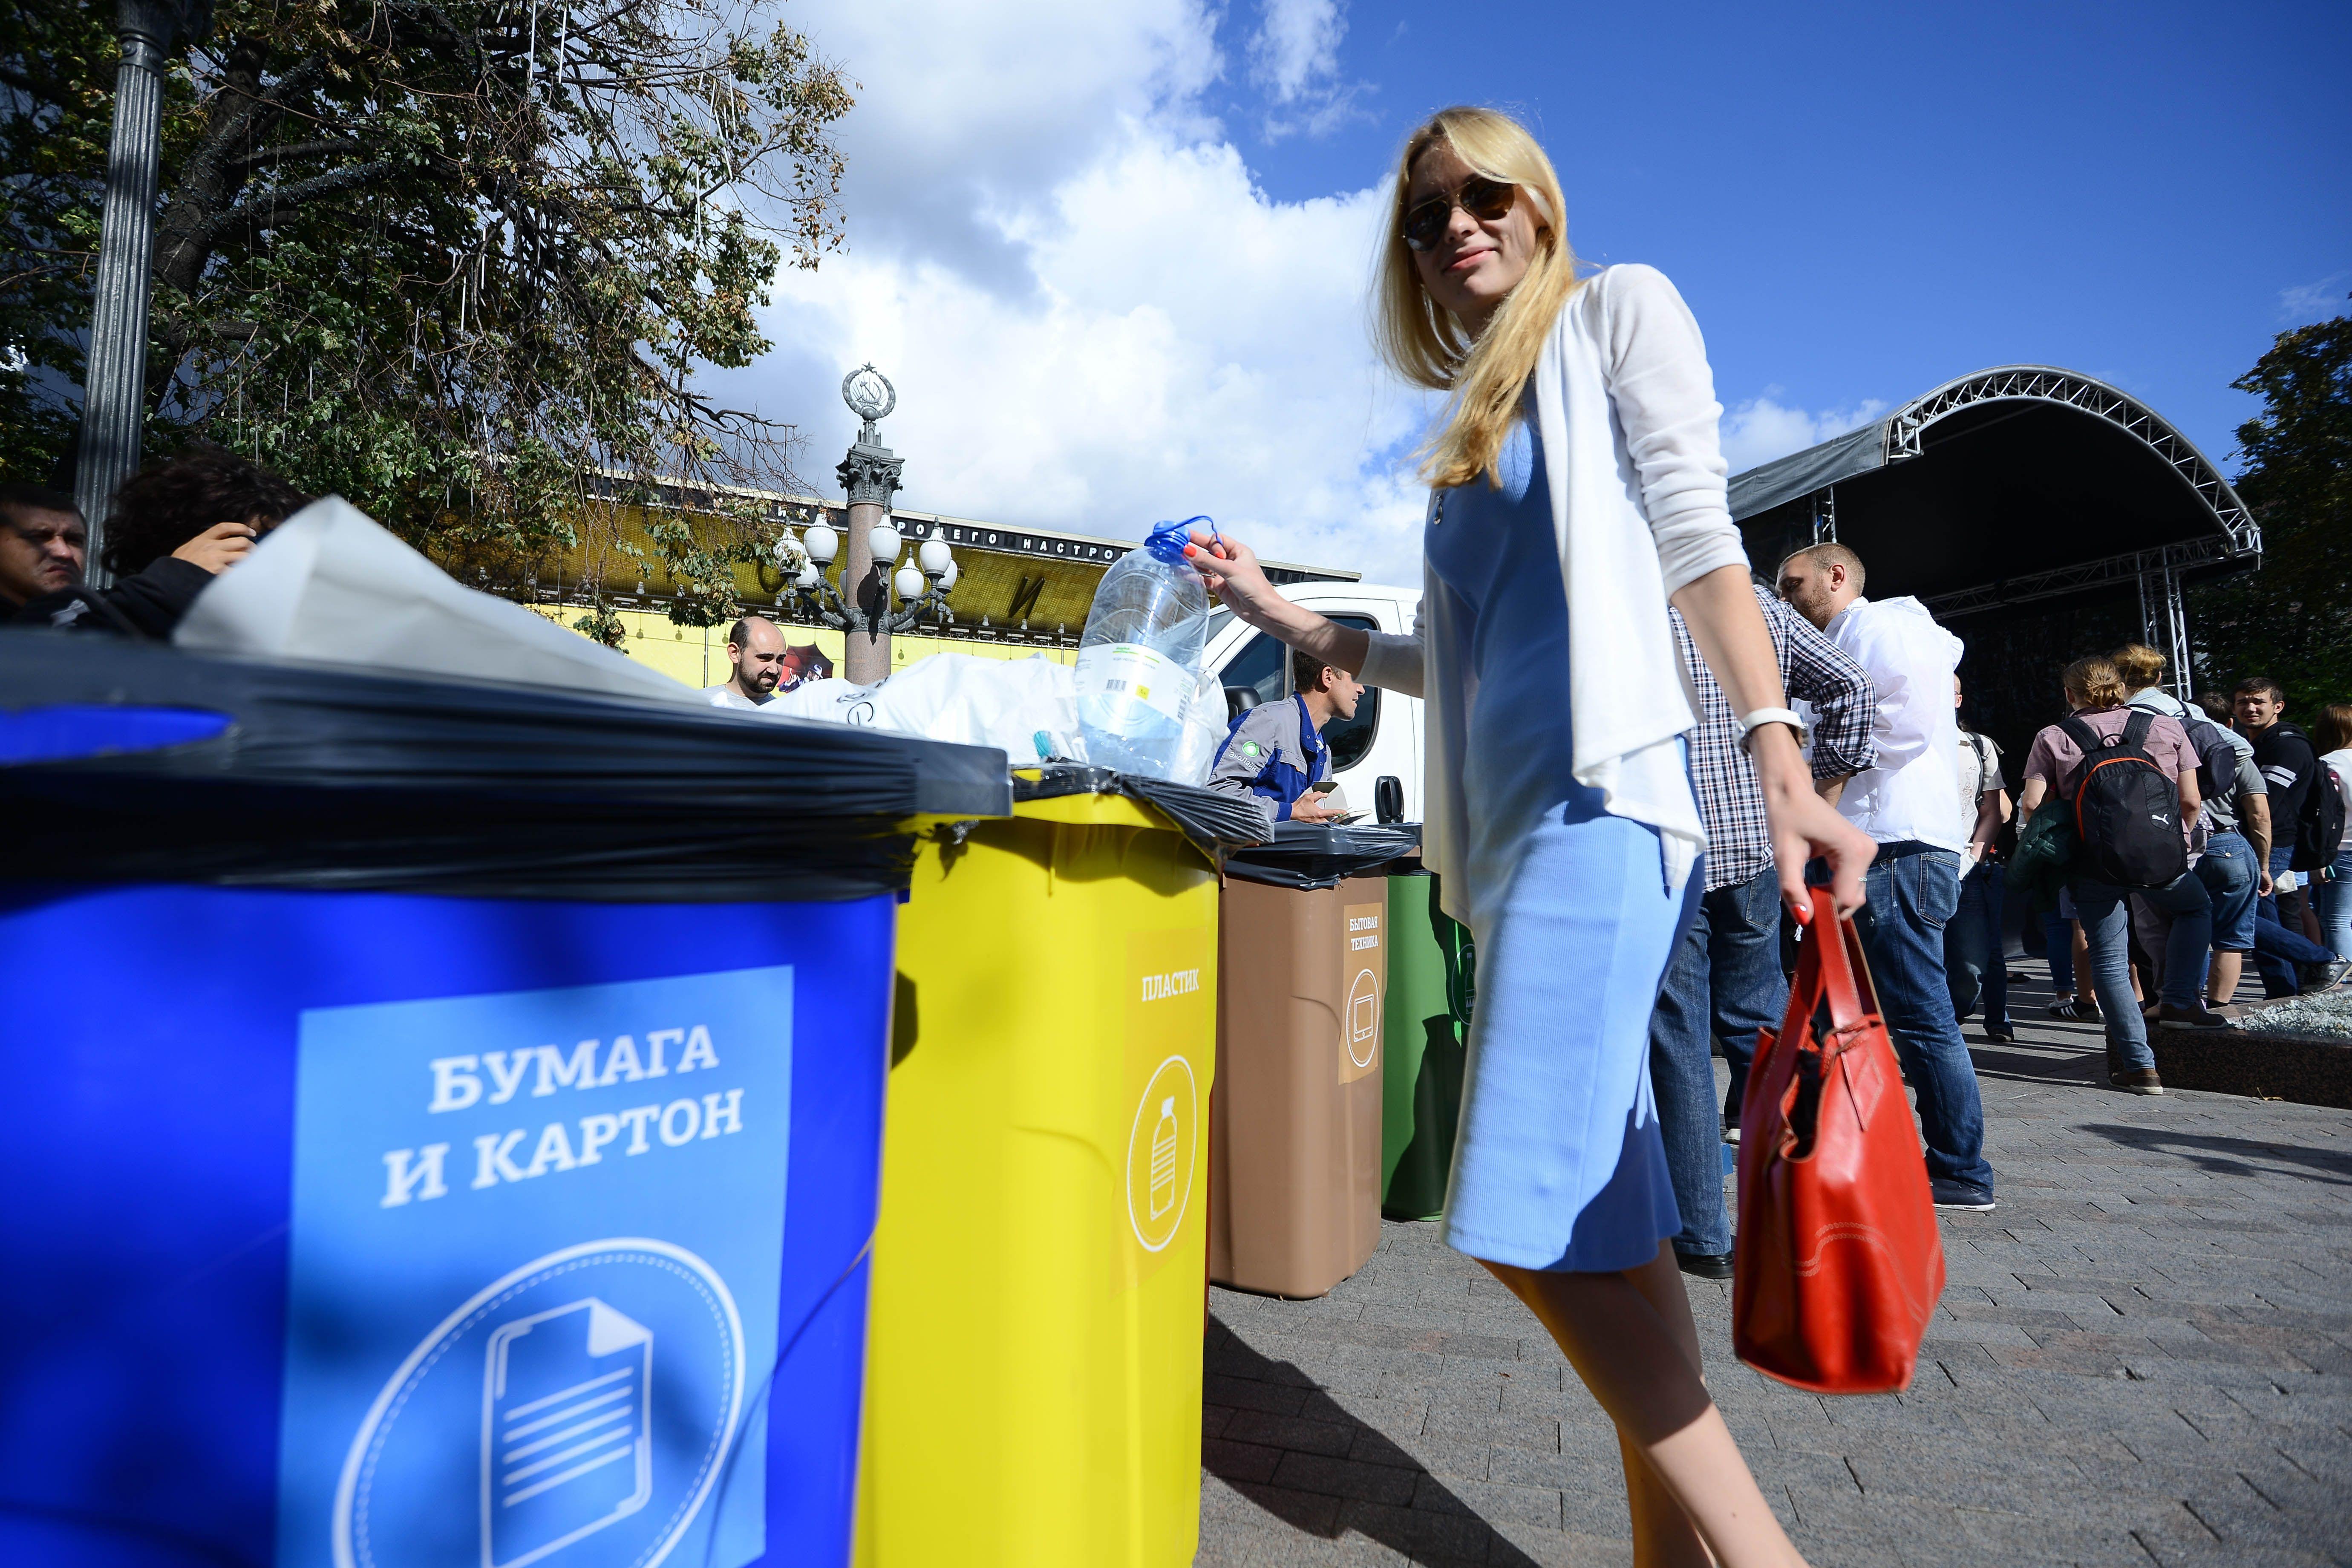 Москва предложила сдать мусор и бесплатно сходить в музей